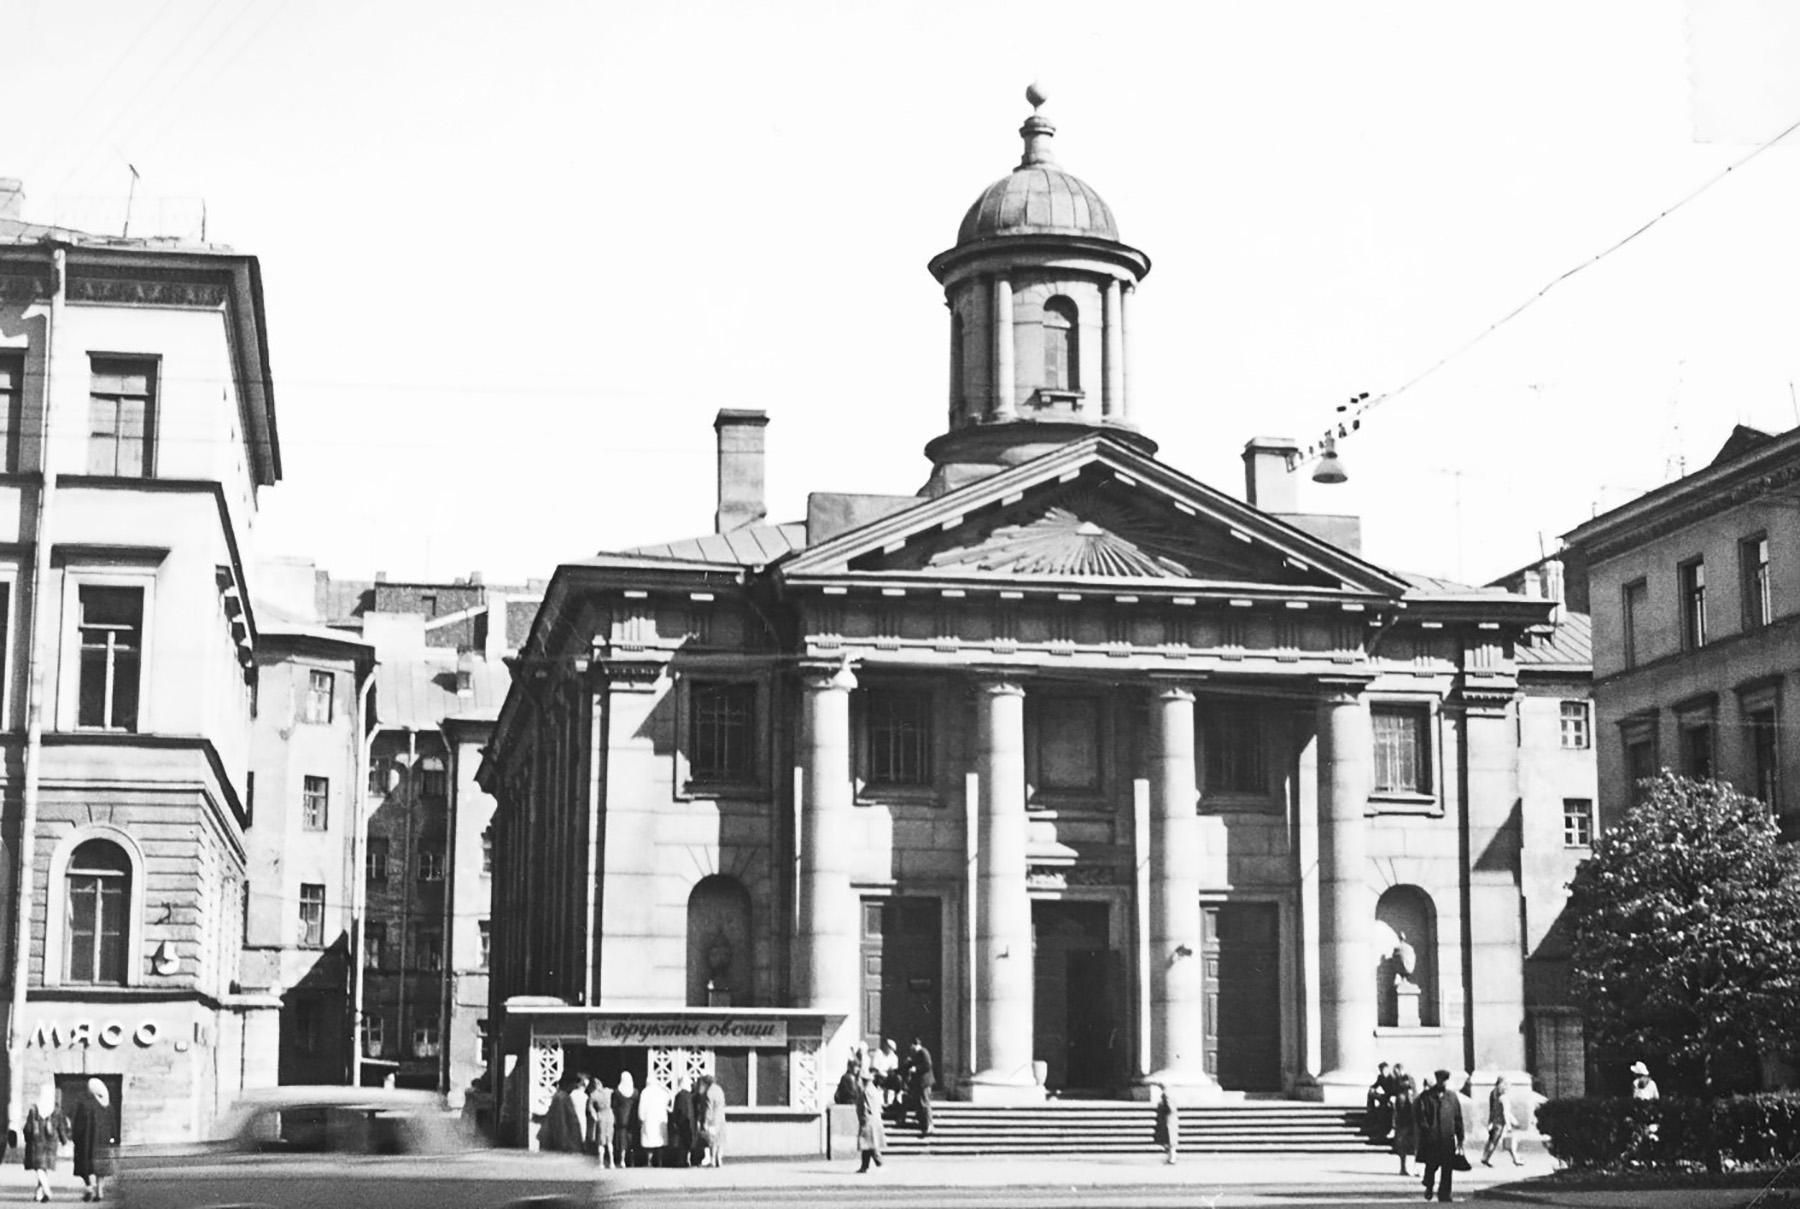 Pietarin Suomalainen luterilainen kirkko eli Pyhän Marian kirkko on valmistunut vuonna 1805. Inkeriläisten sivistyssäätiö, kuva 1040. CC BY 4.0